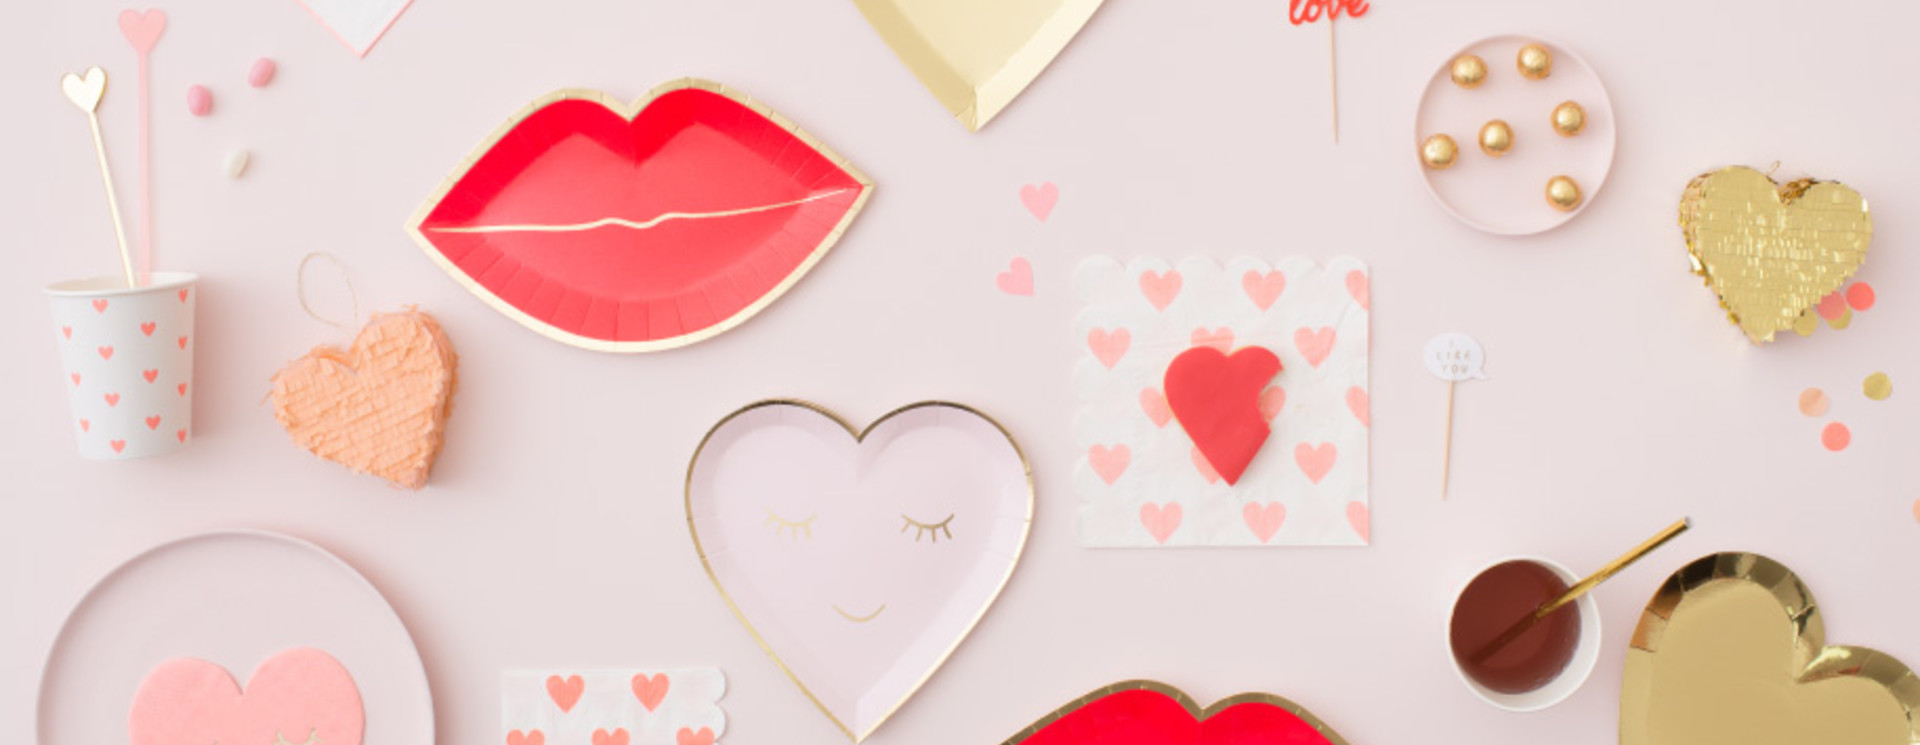 Valentijns versiering en Valentijn hartjes voor de mooiste Valentijnsdag